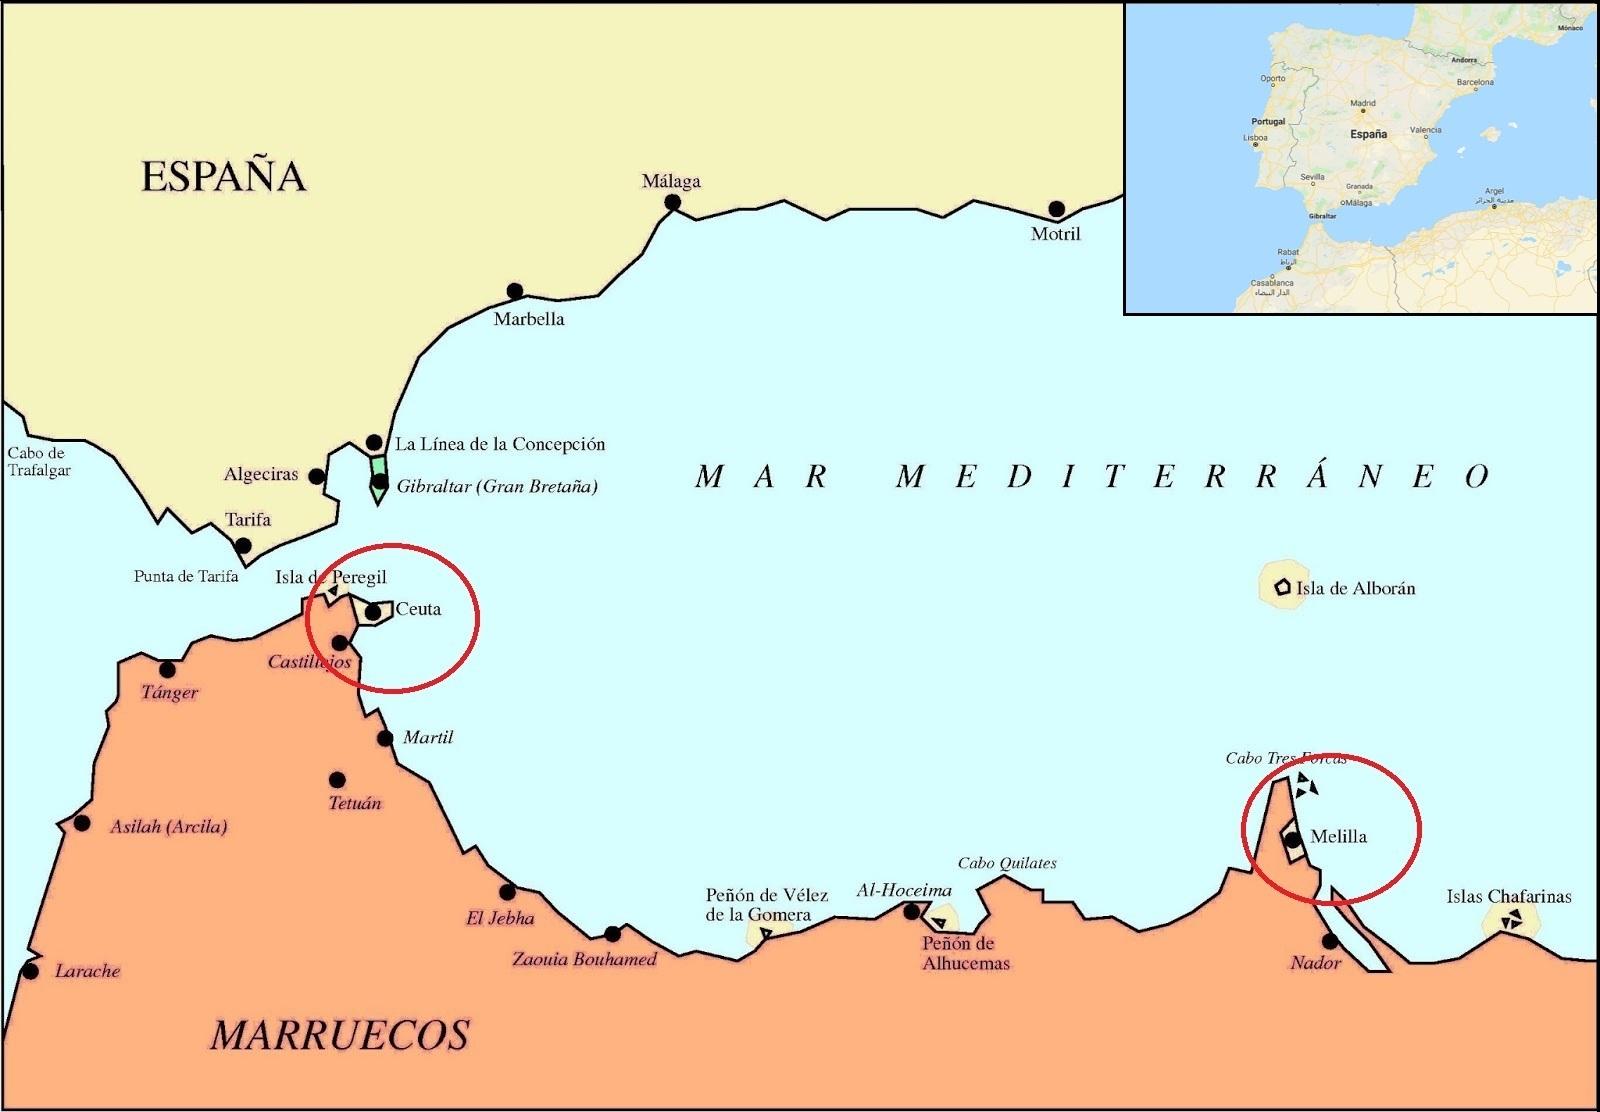 Il faut être aveugle pour ne pas voir que Sebta et Melillia se trouvent au Maroc